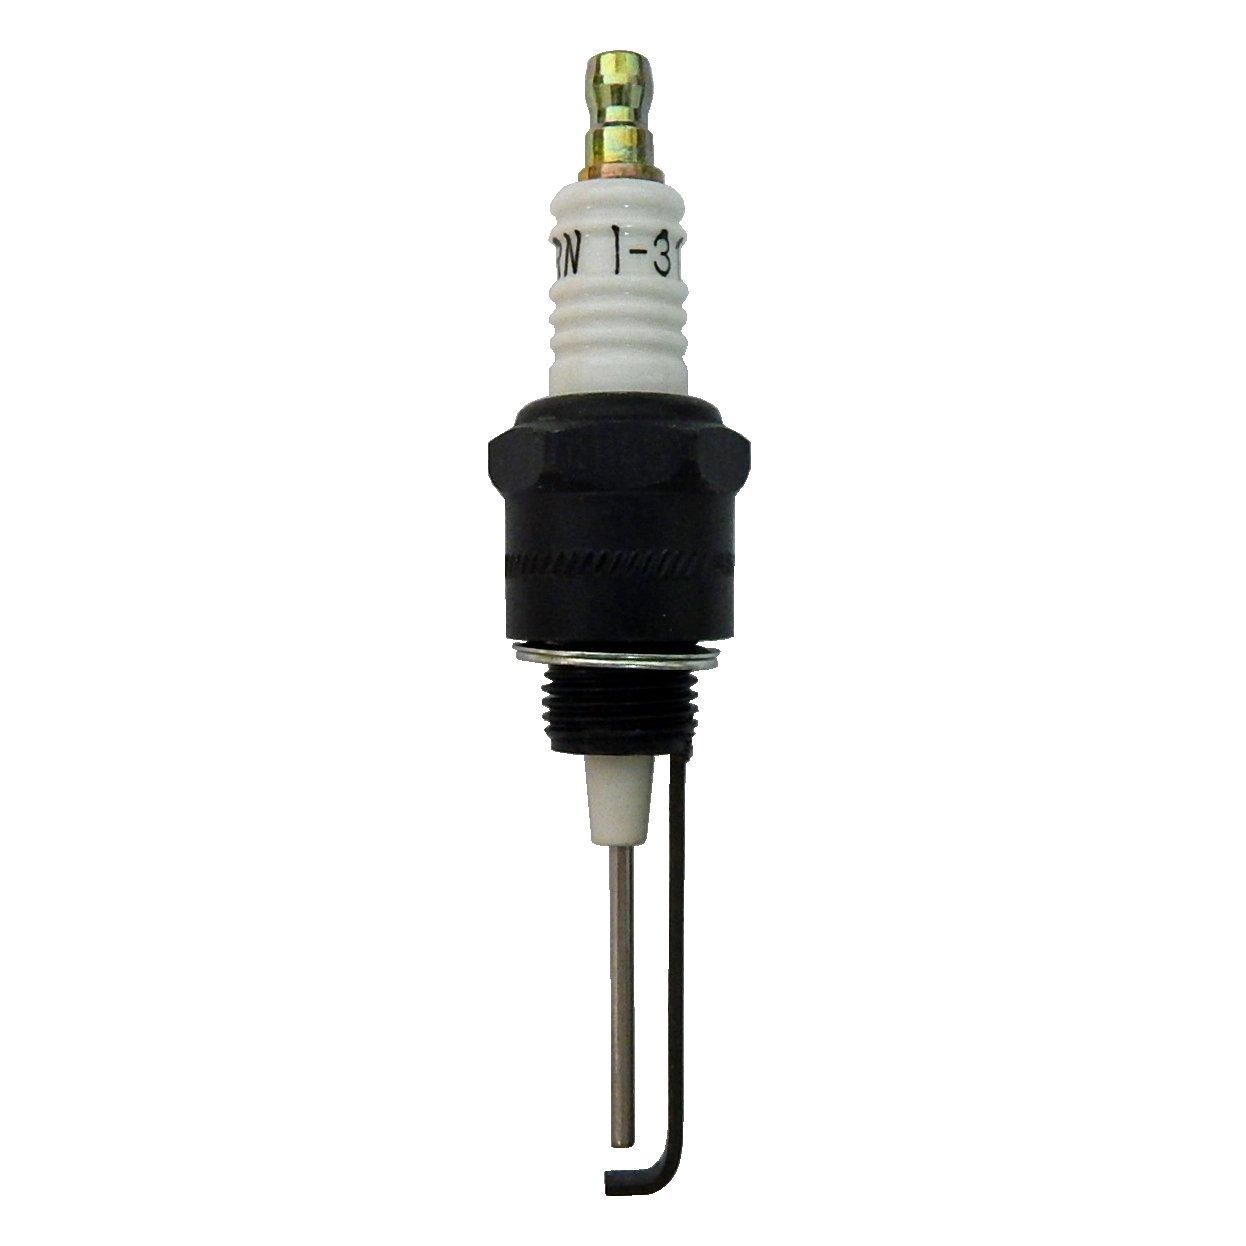 I-31-1 Auburn Igniter (Spark Plug)